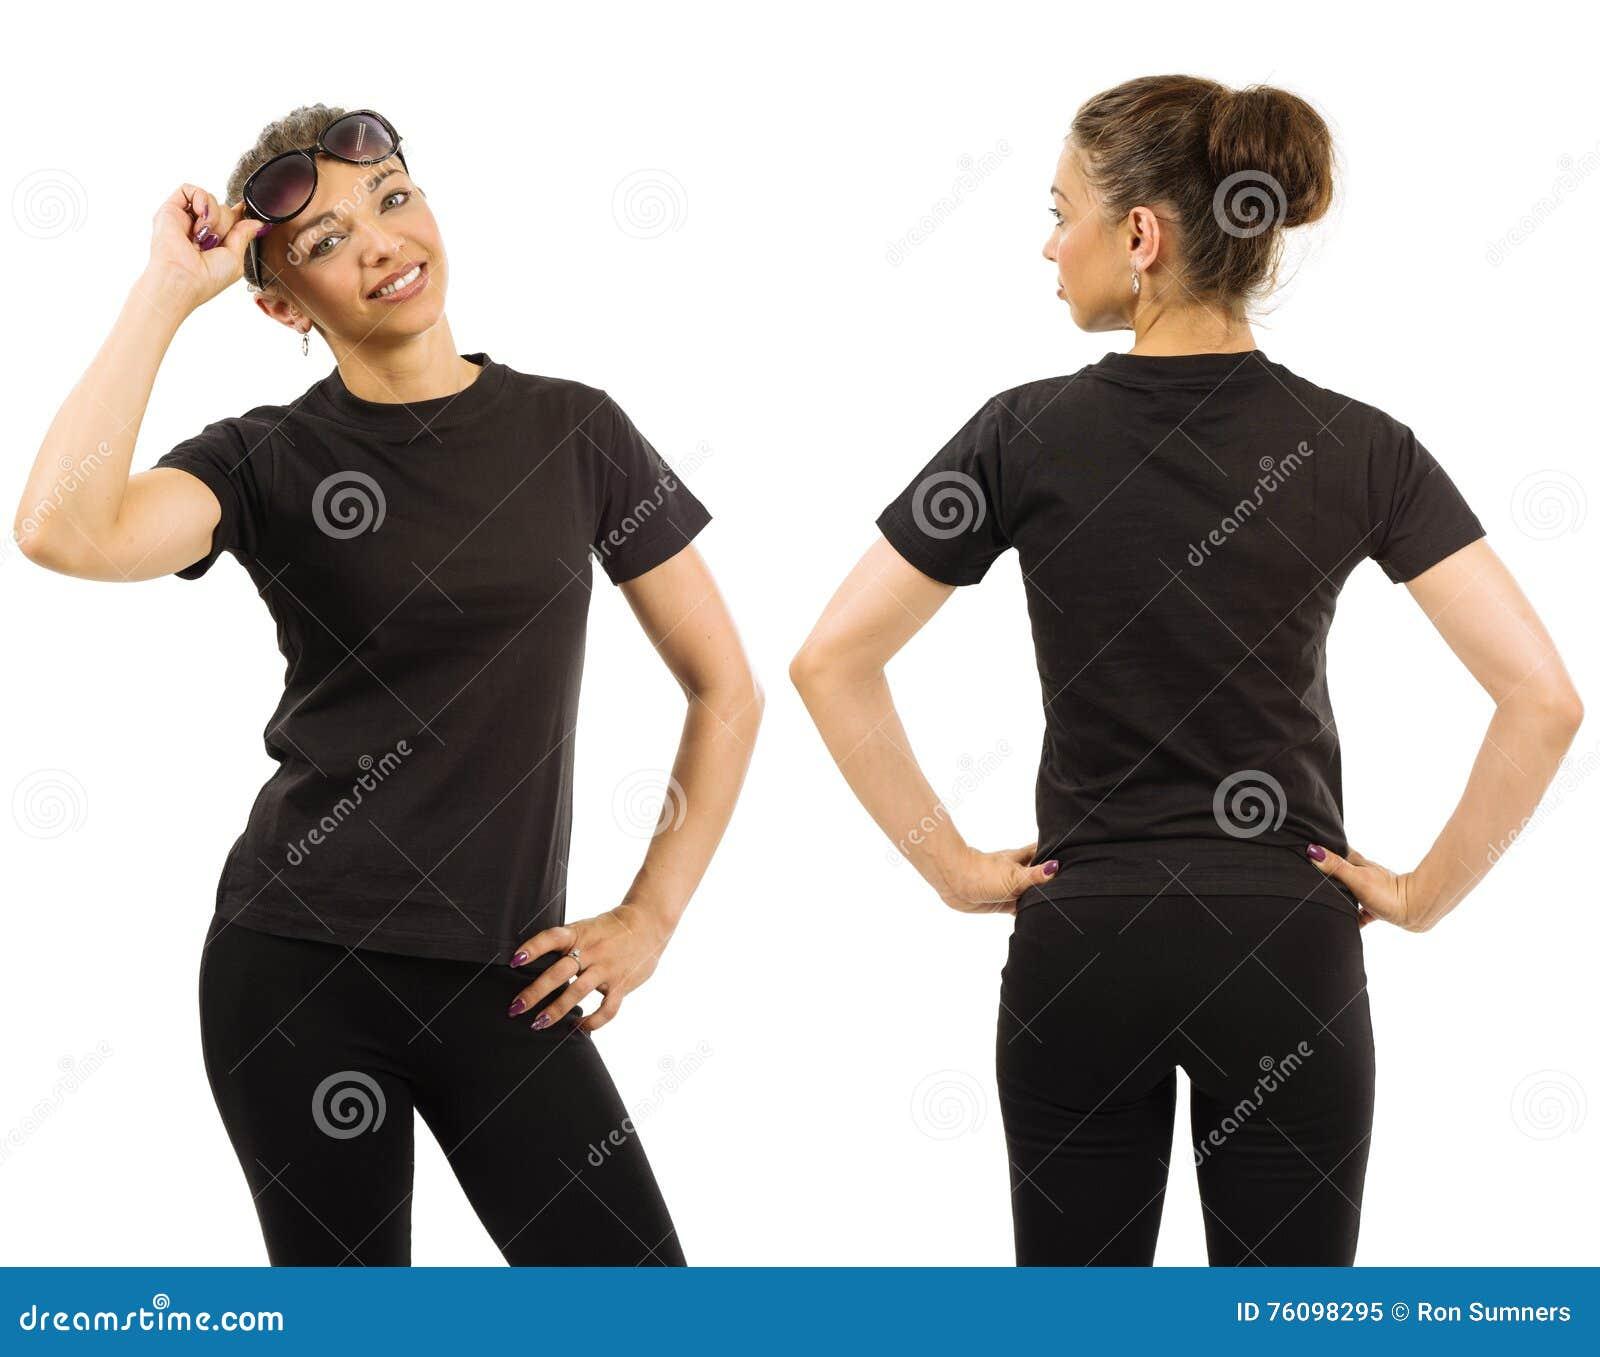 En La Archivo Que Delgada Negra Blanco De Camisa Lleva Mujer Imagen cwOxWvW